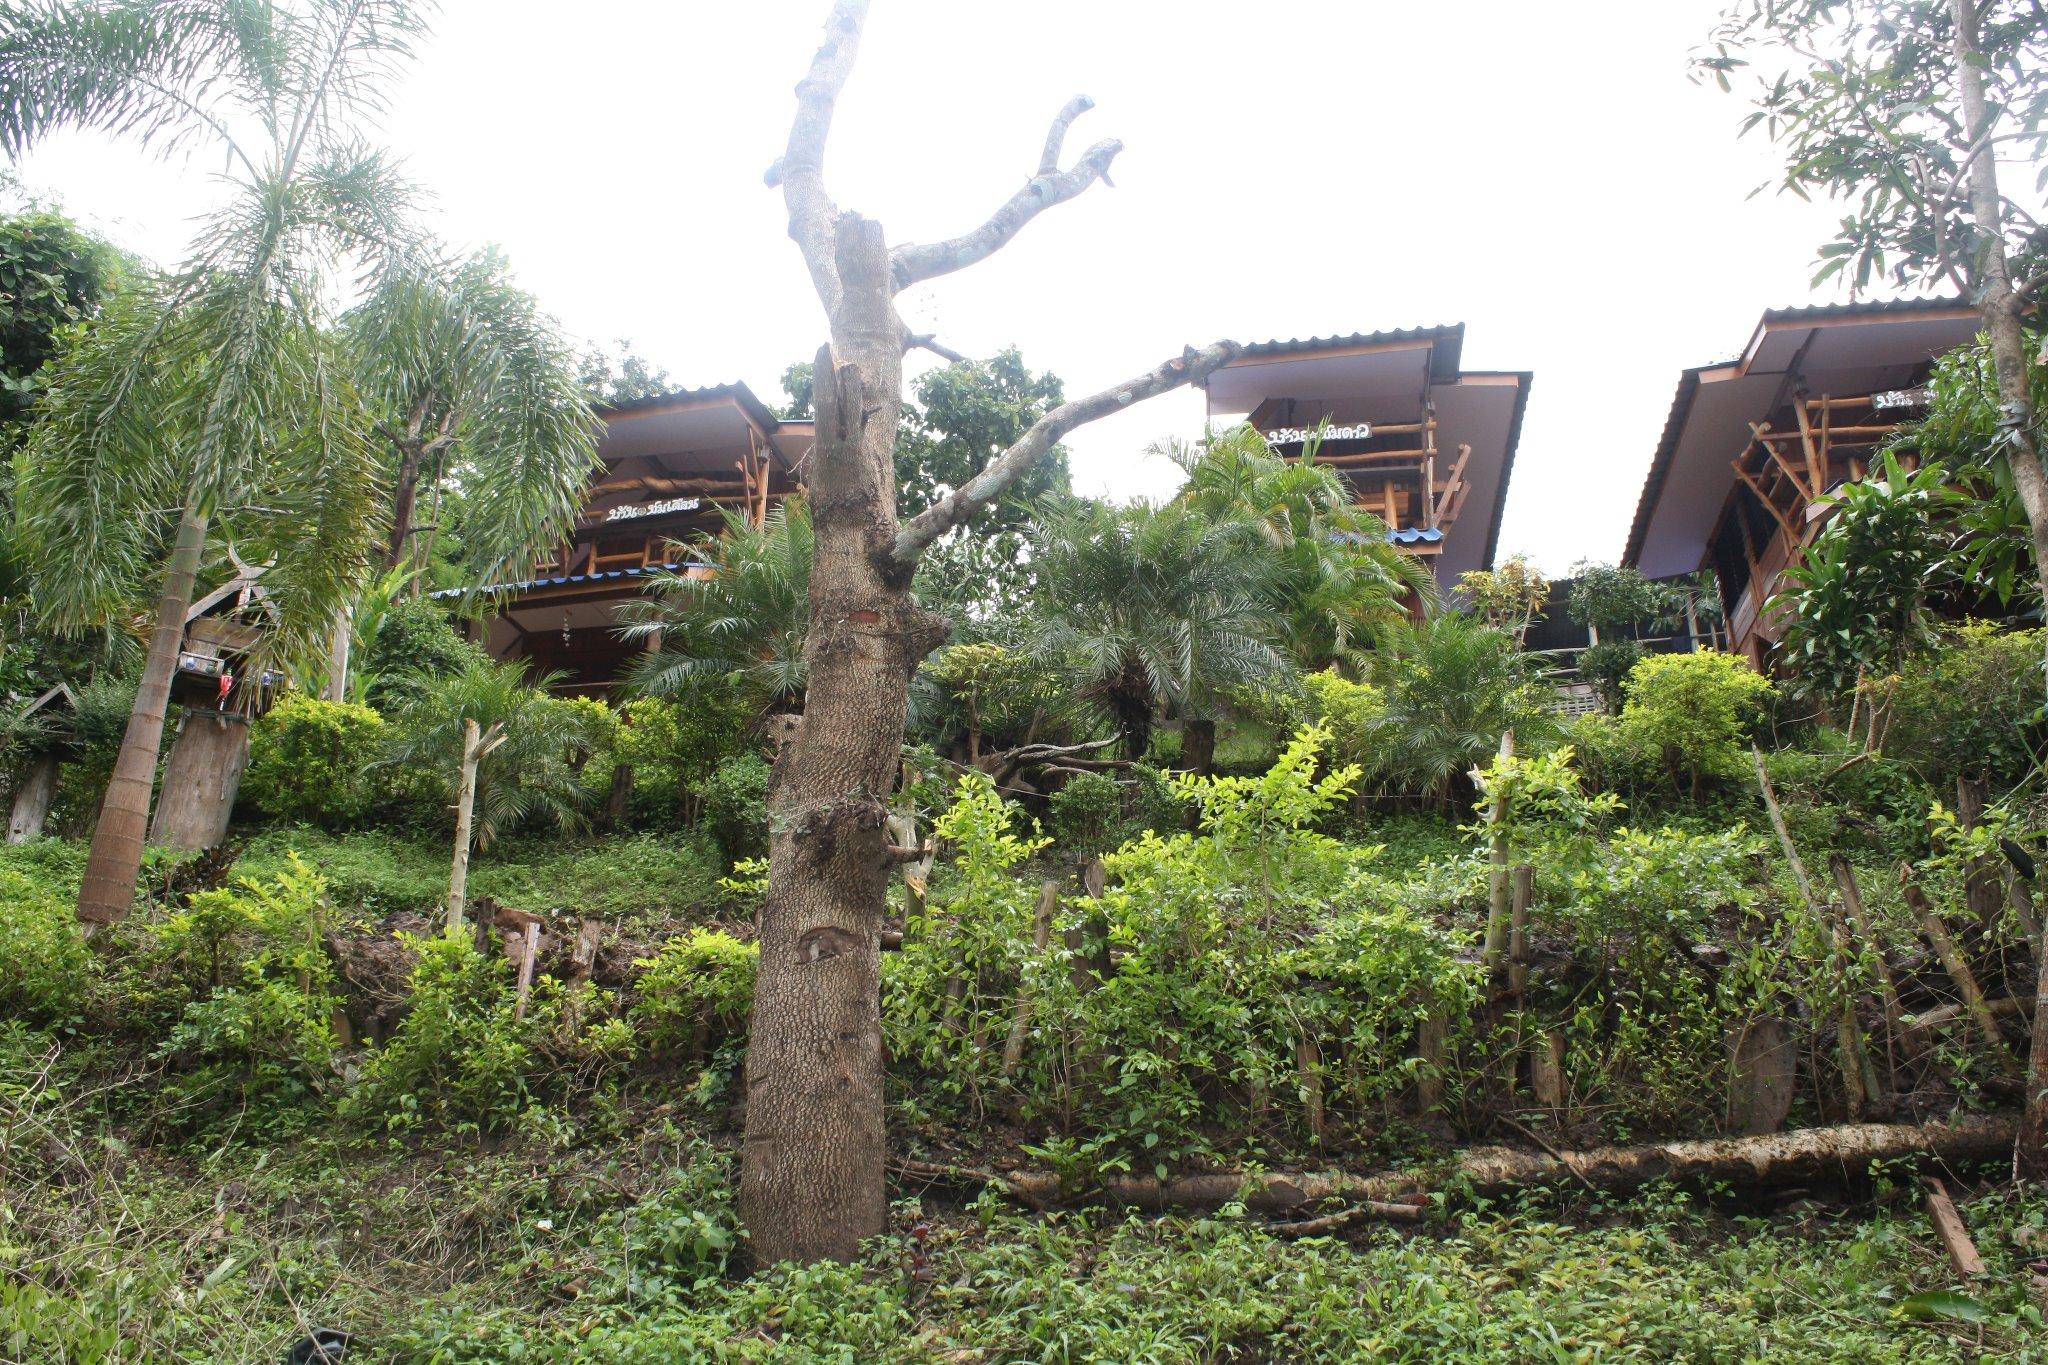 สัมผัสที่พักที่ใกล้ชิดธรรมชาติ วิมานเมฆ รีสอร์ท (wimanmake resort) อำเภออุ้มผาง จังหวัดตาก